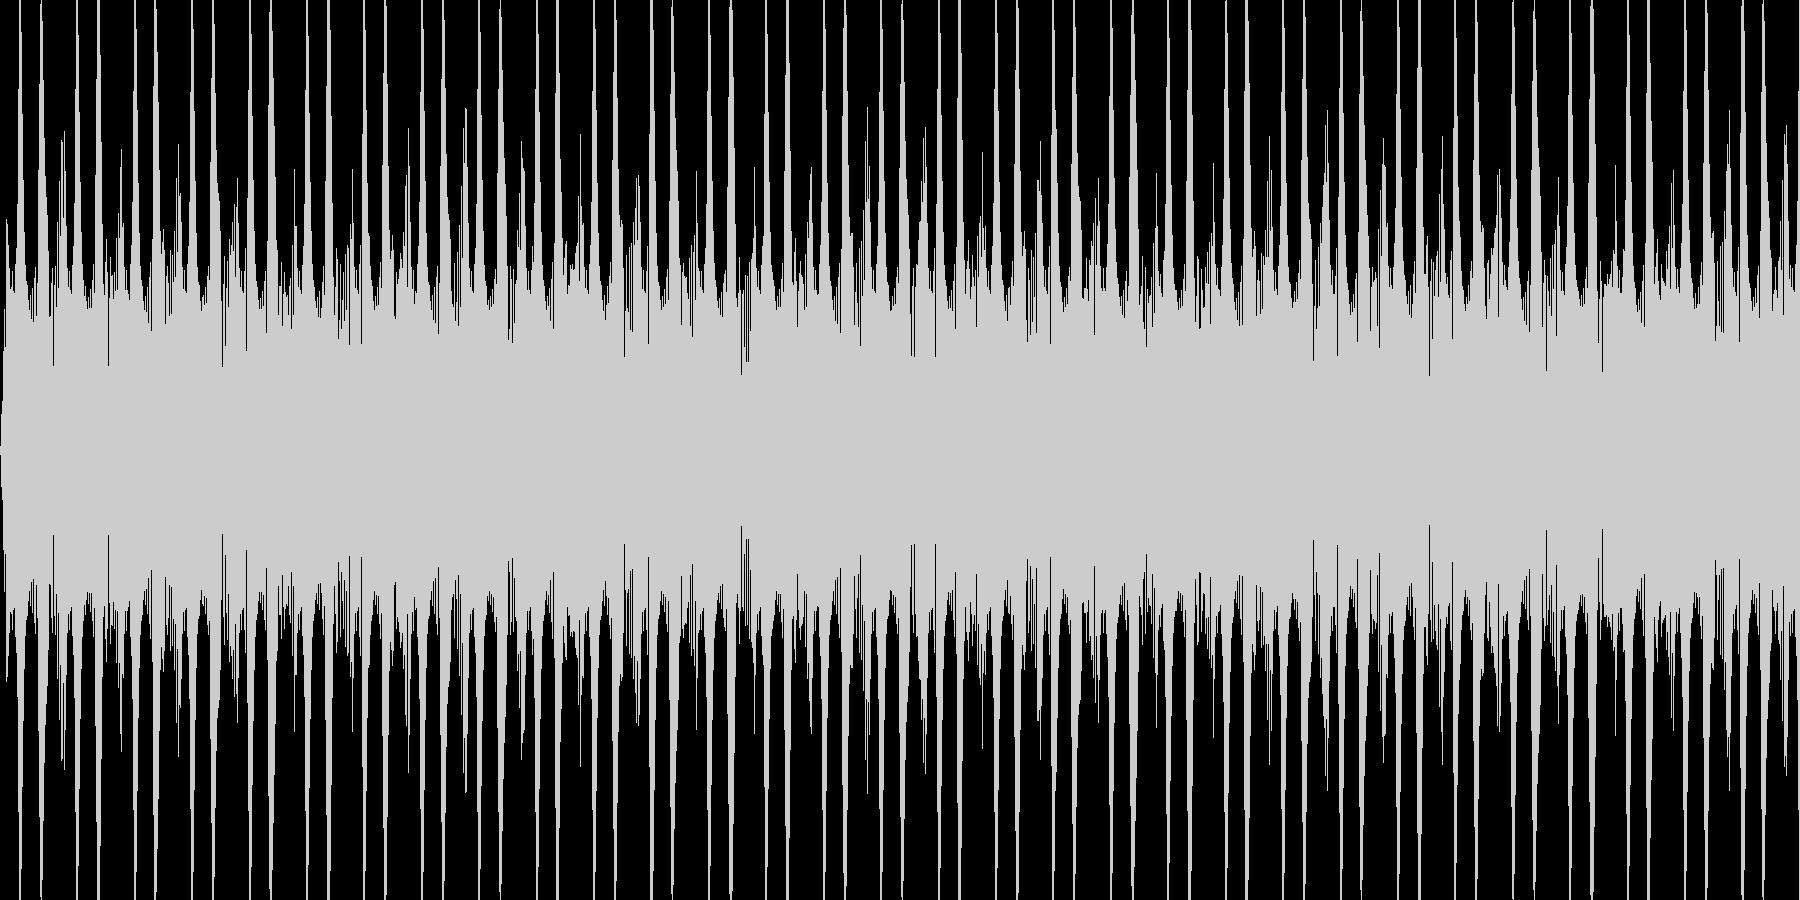 カウントするときの音の未再生の波形